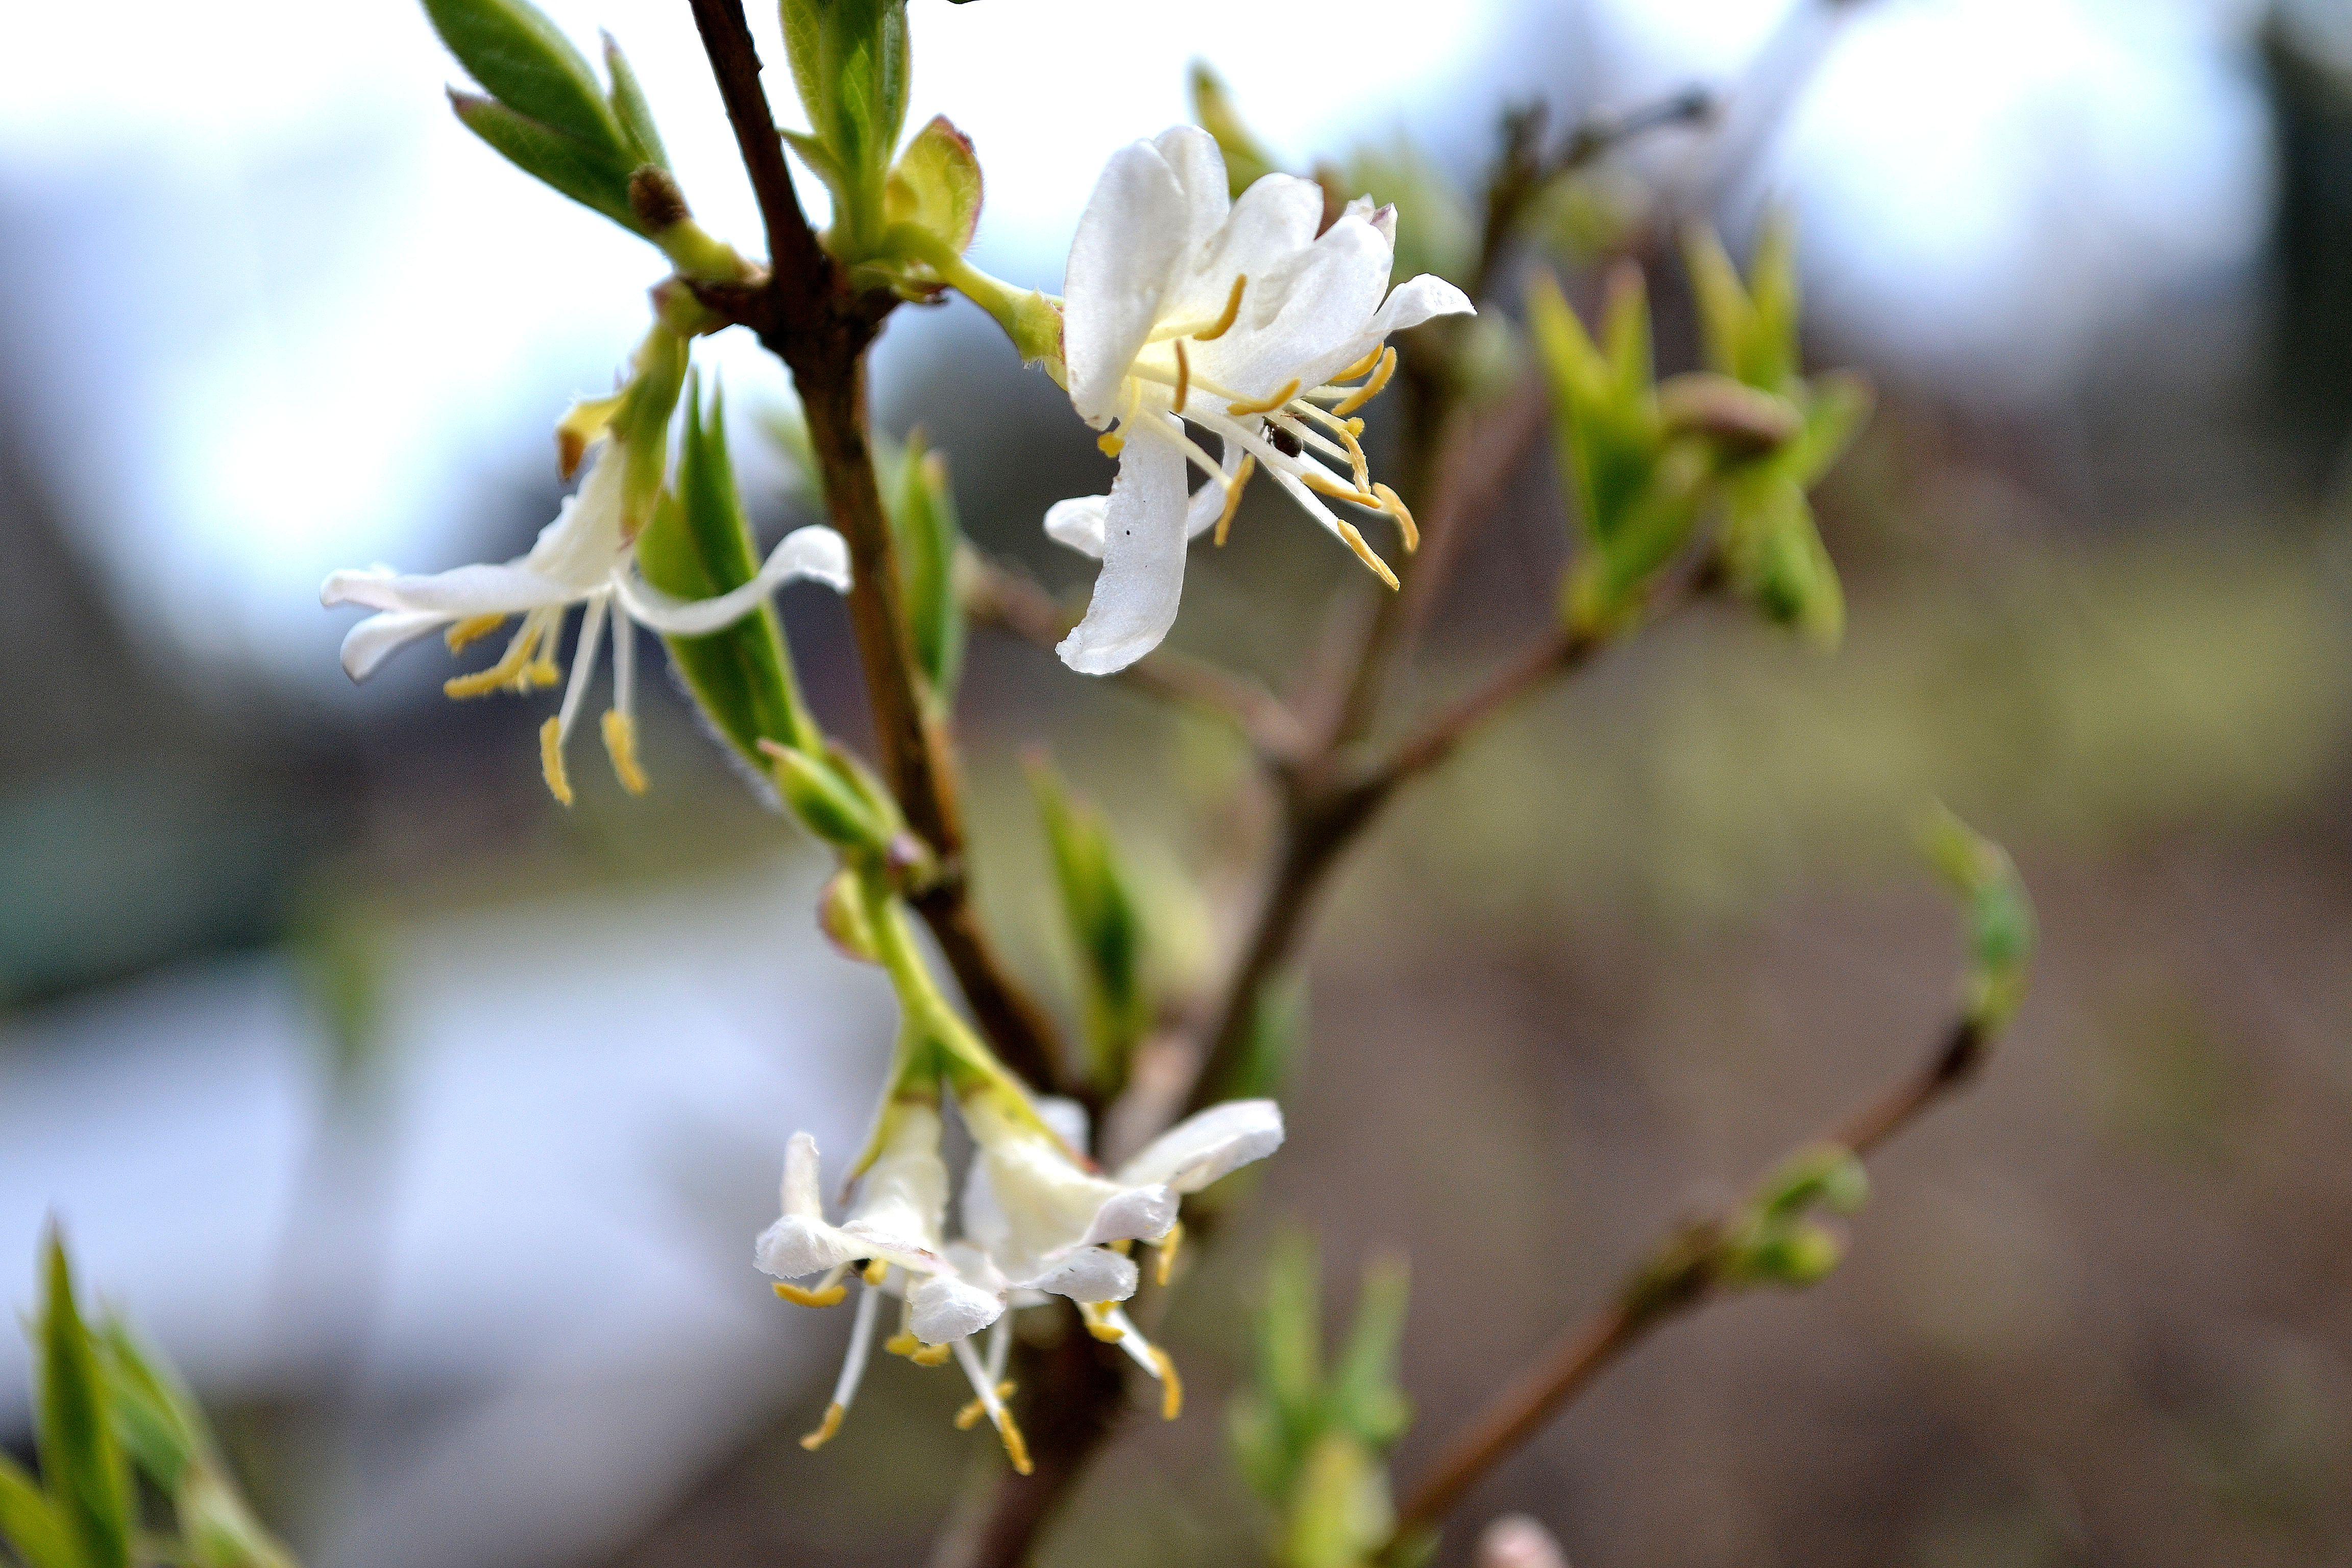 En vaniljvit blomma på nästan bar kvist. Growing honeyberries, a white flower on the bush.